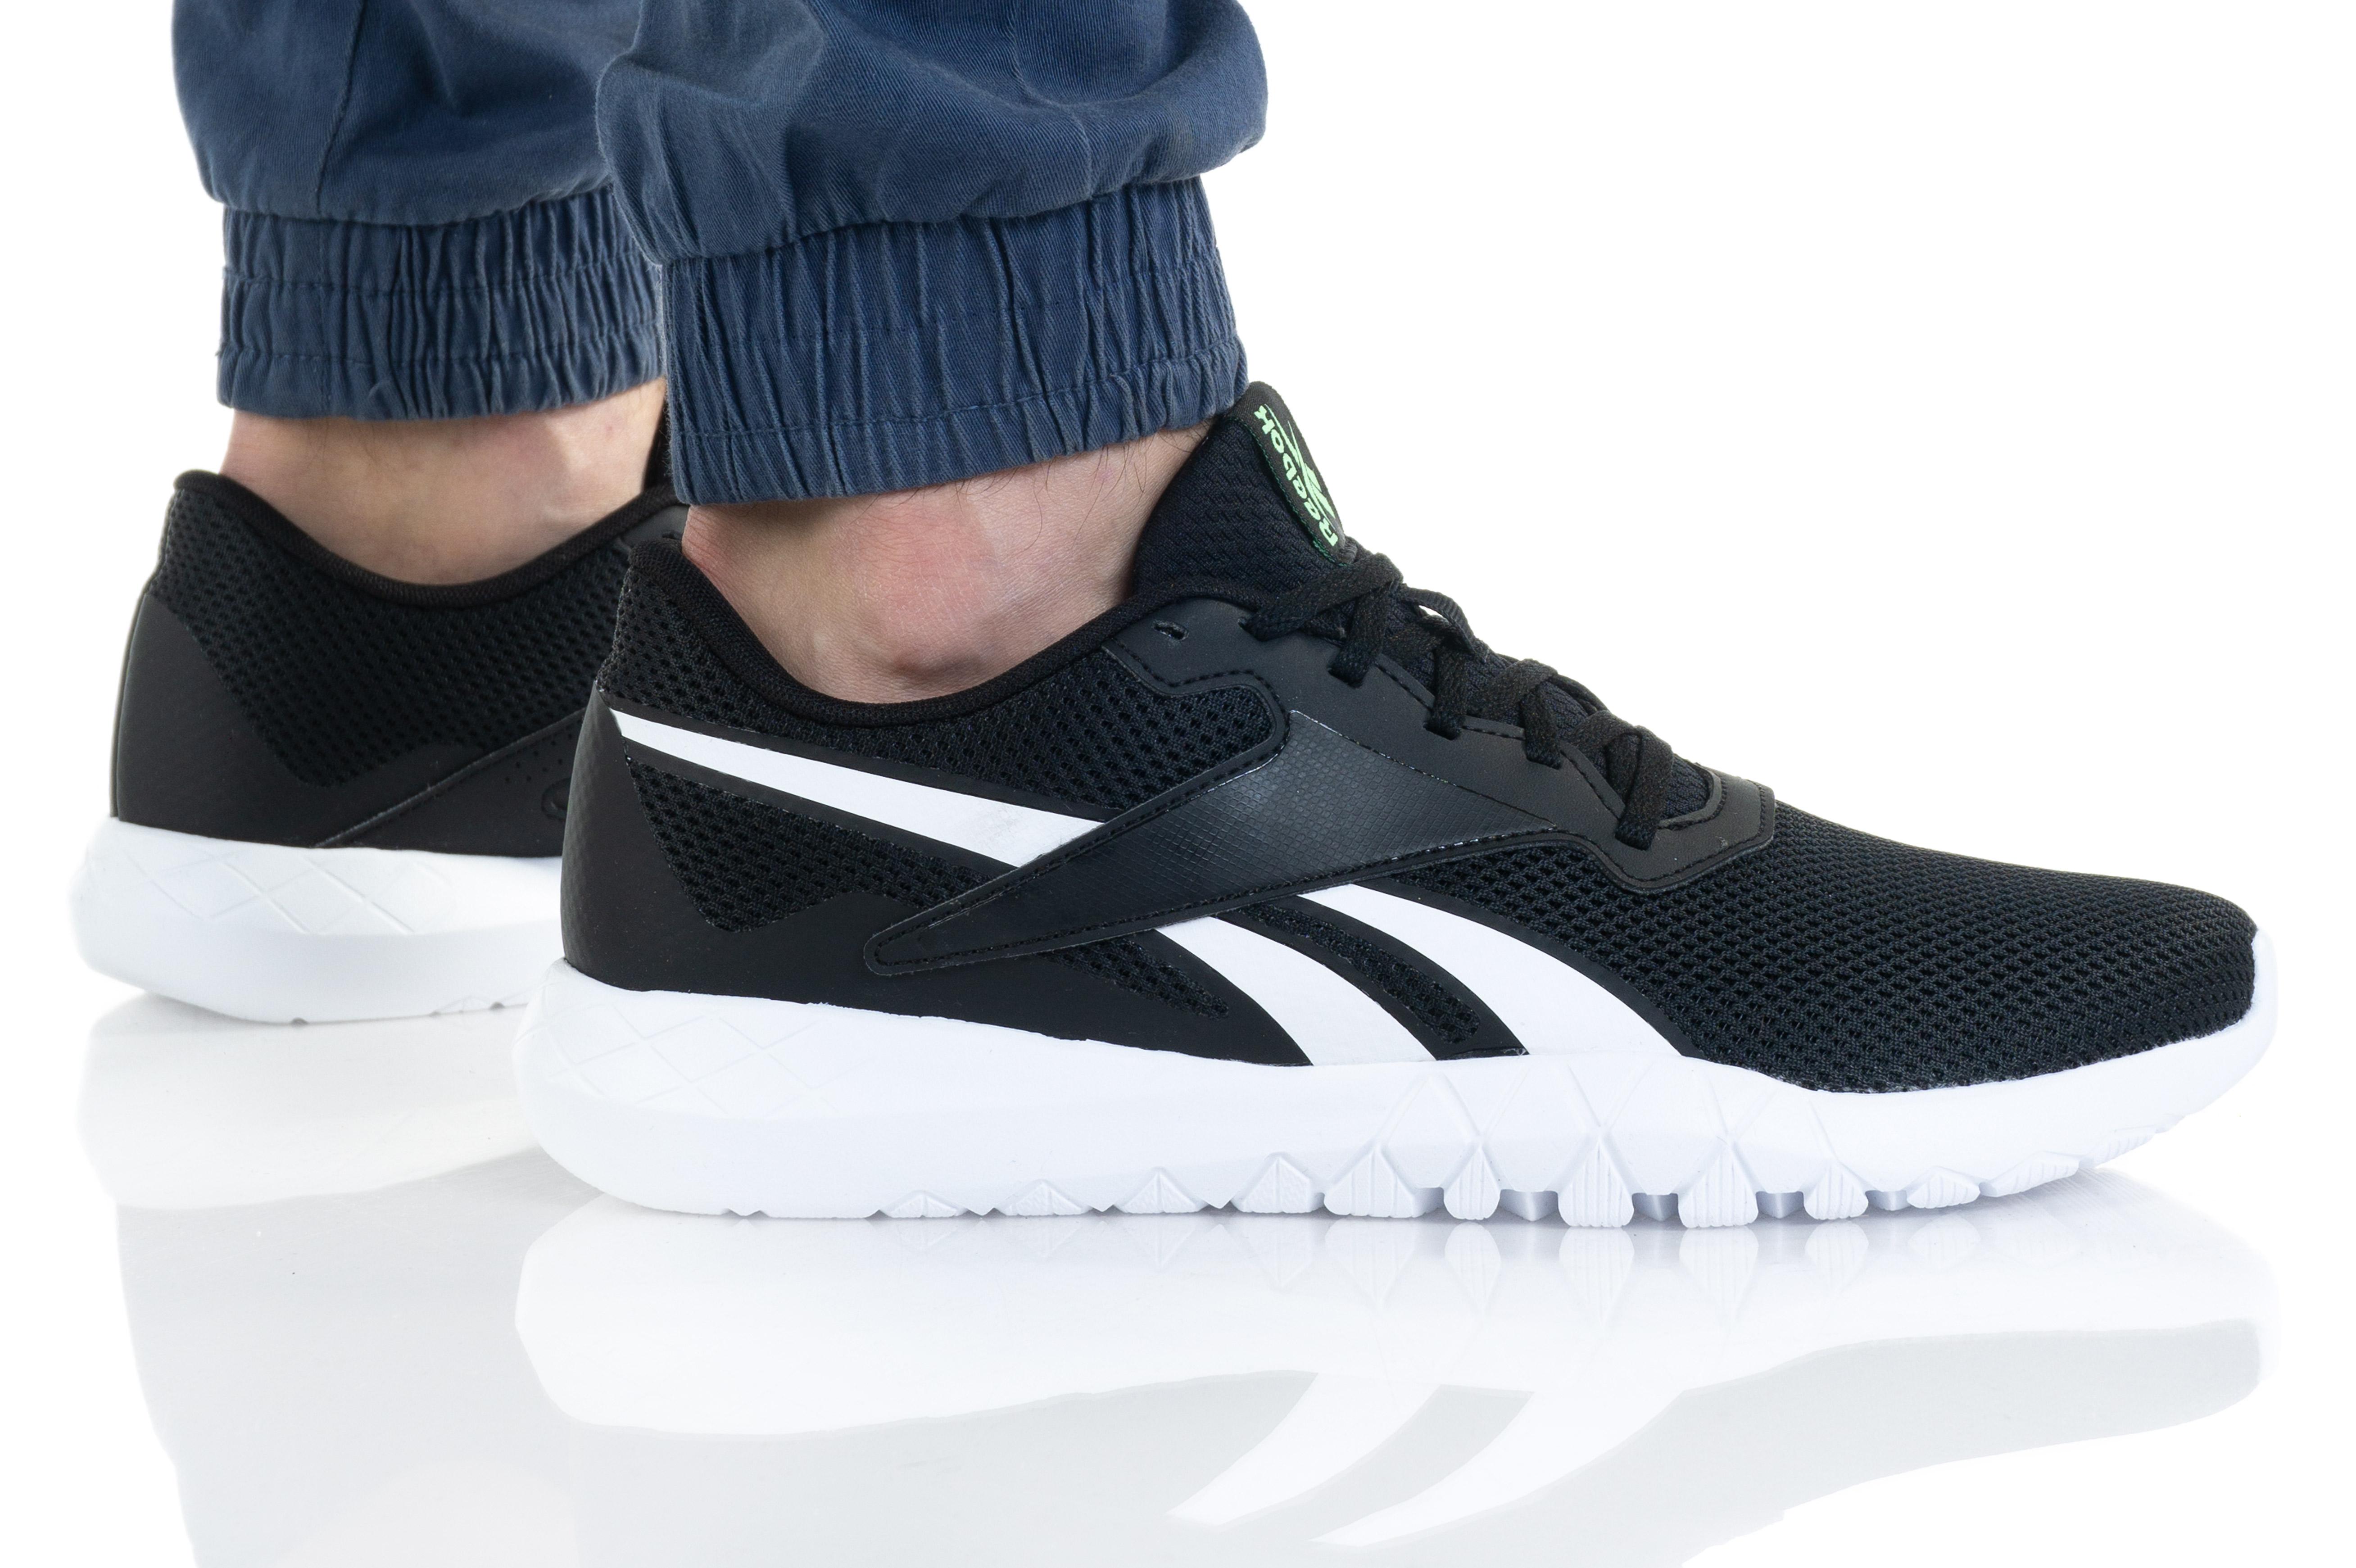 נעלי סניקרס ריבוק לגברים Reebok FLEXAGON ENERGY TR 3.0 MT - שחור